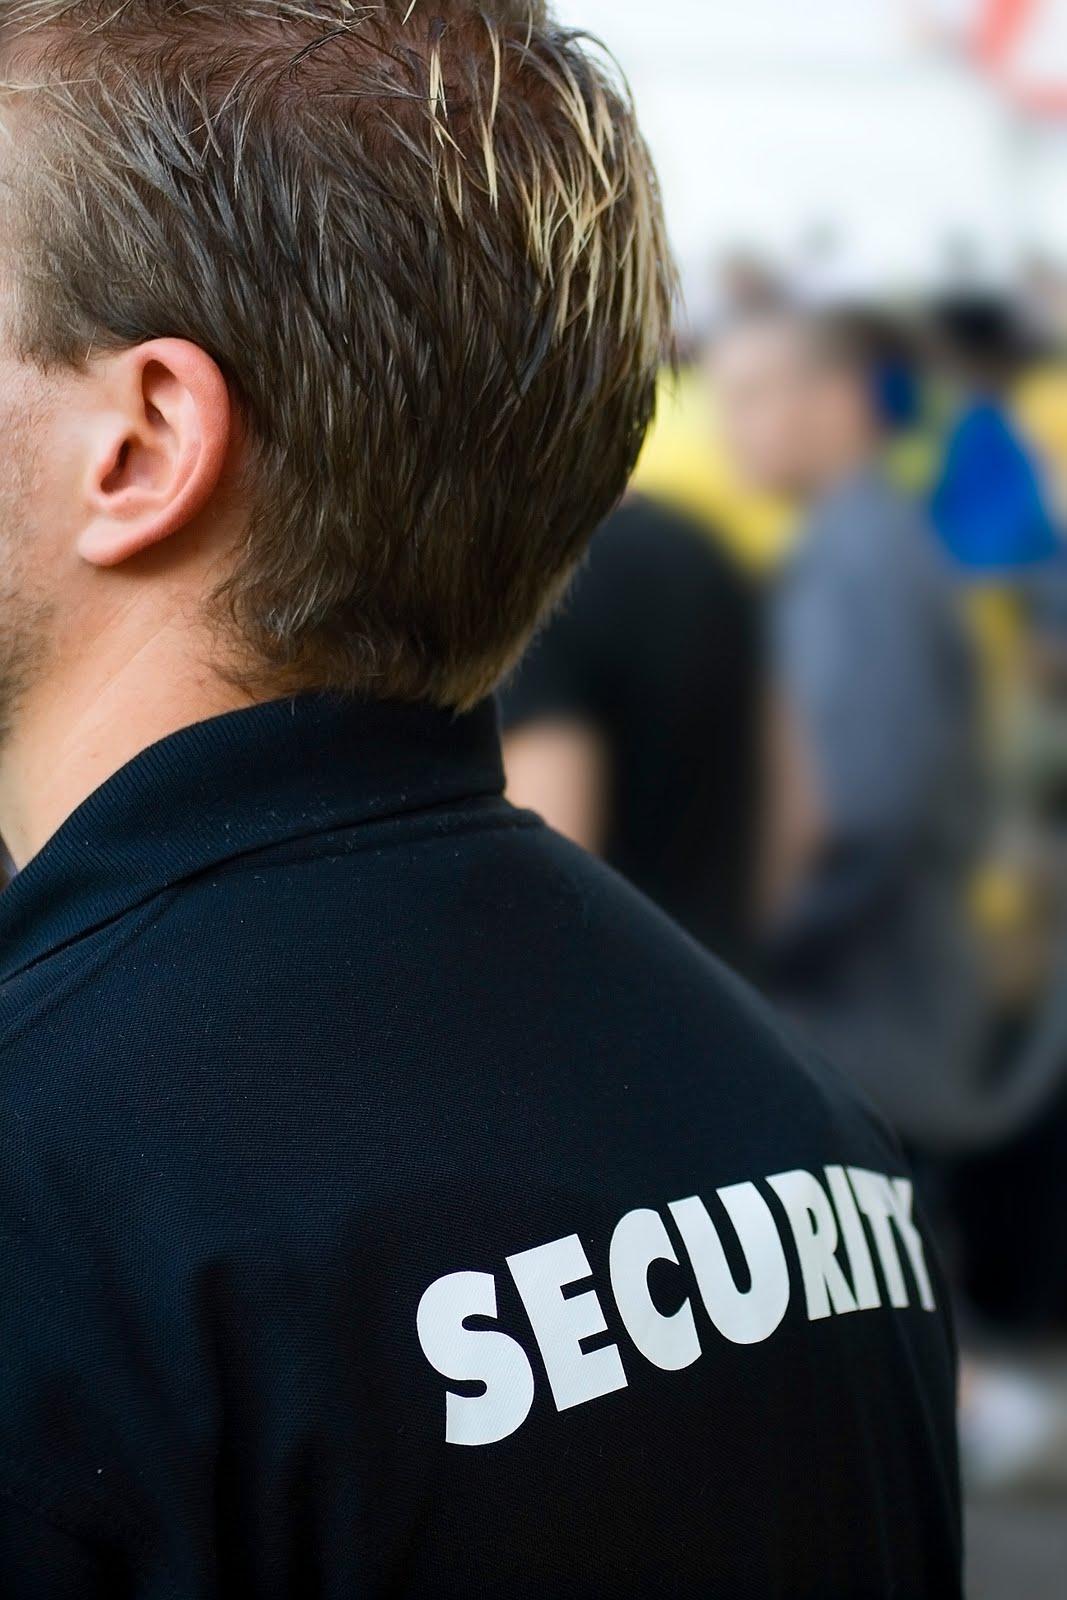 USA security